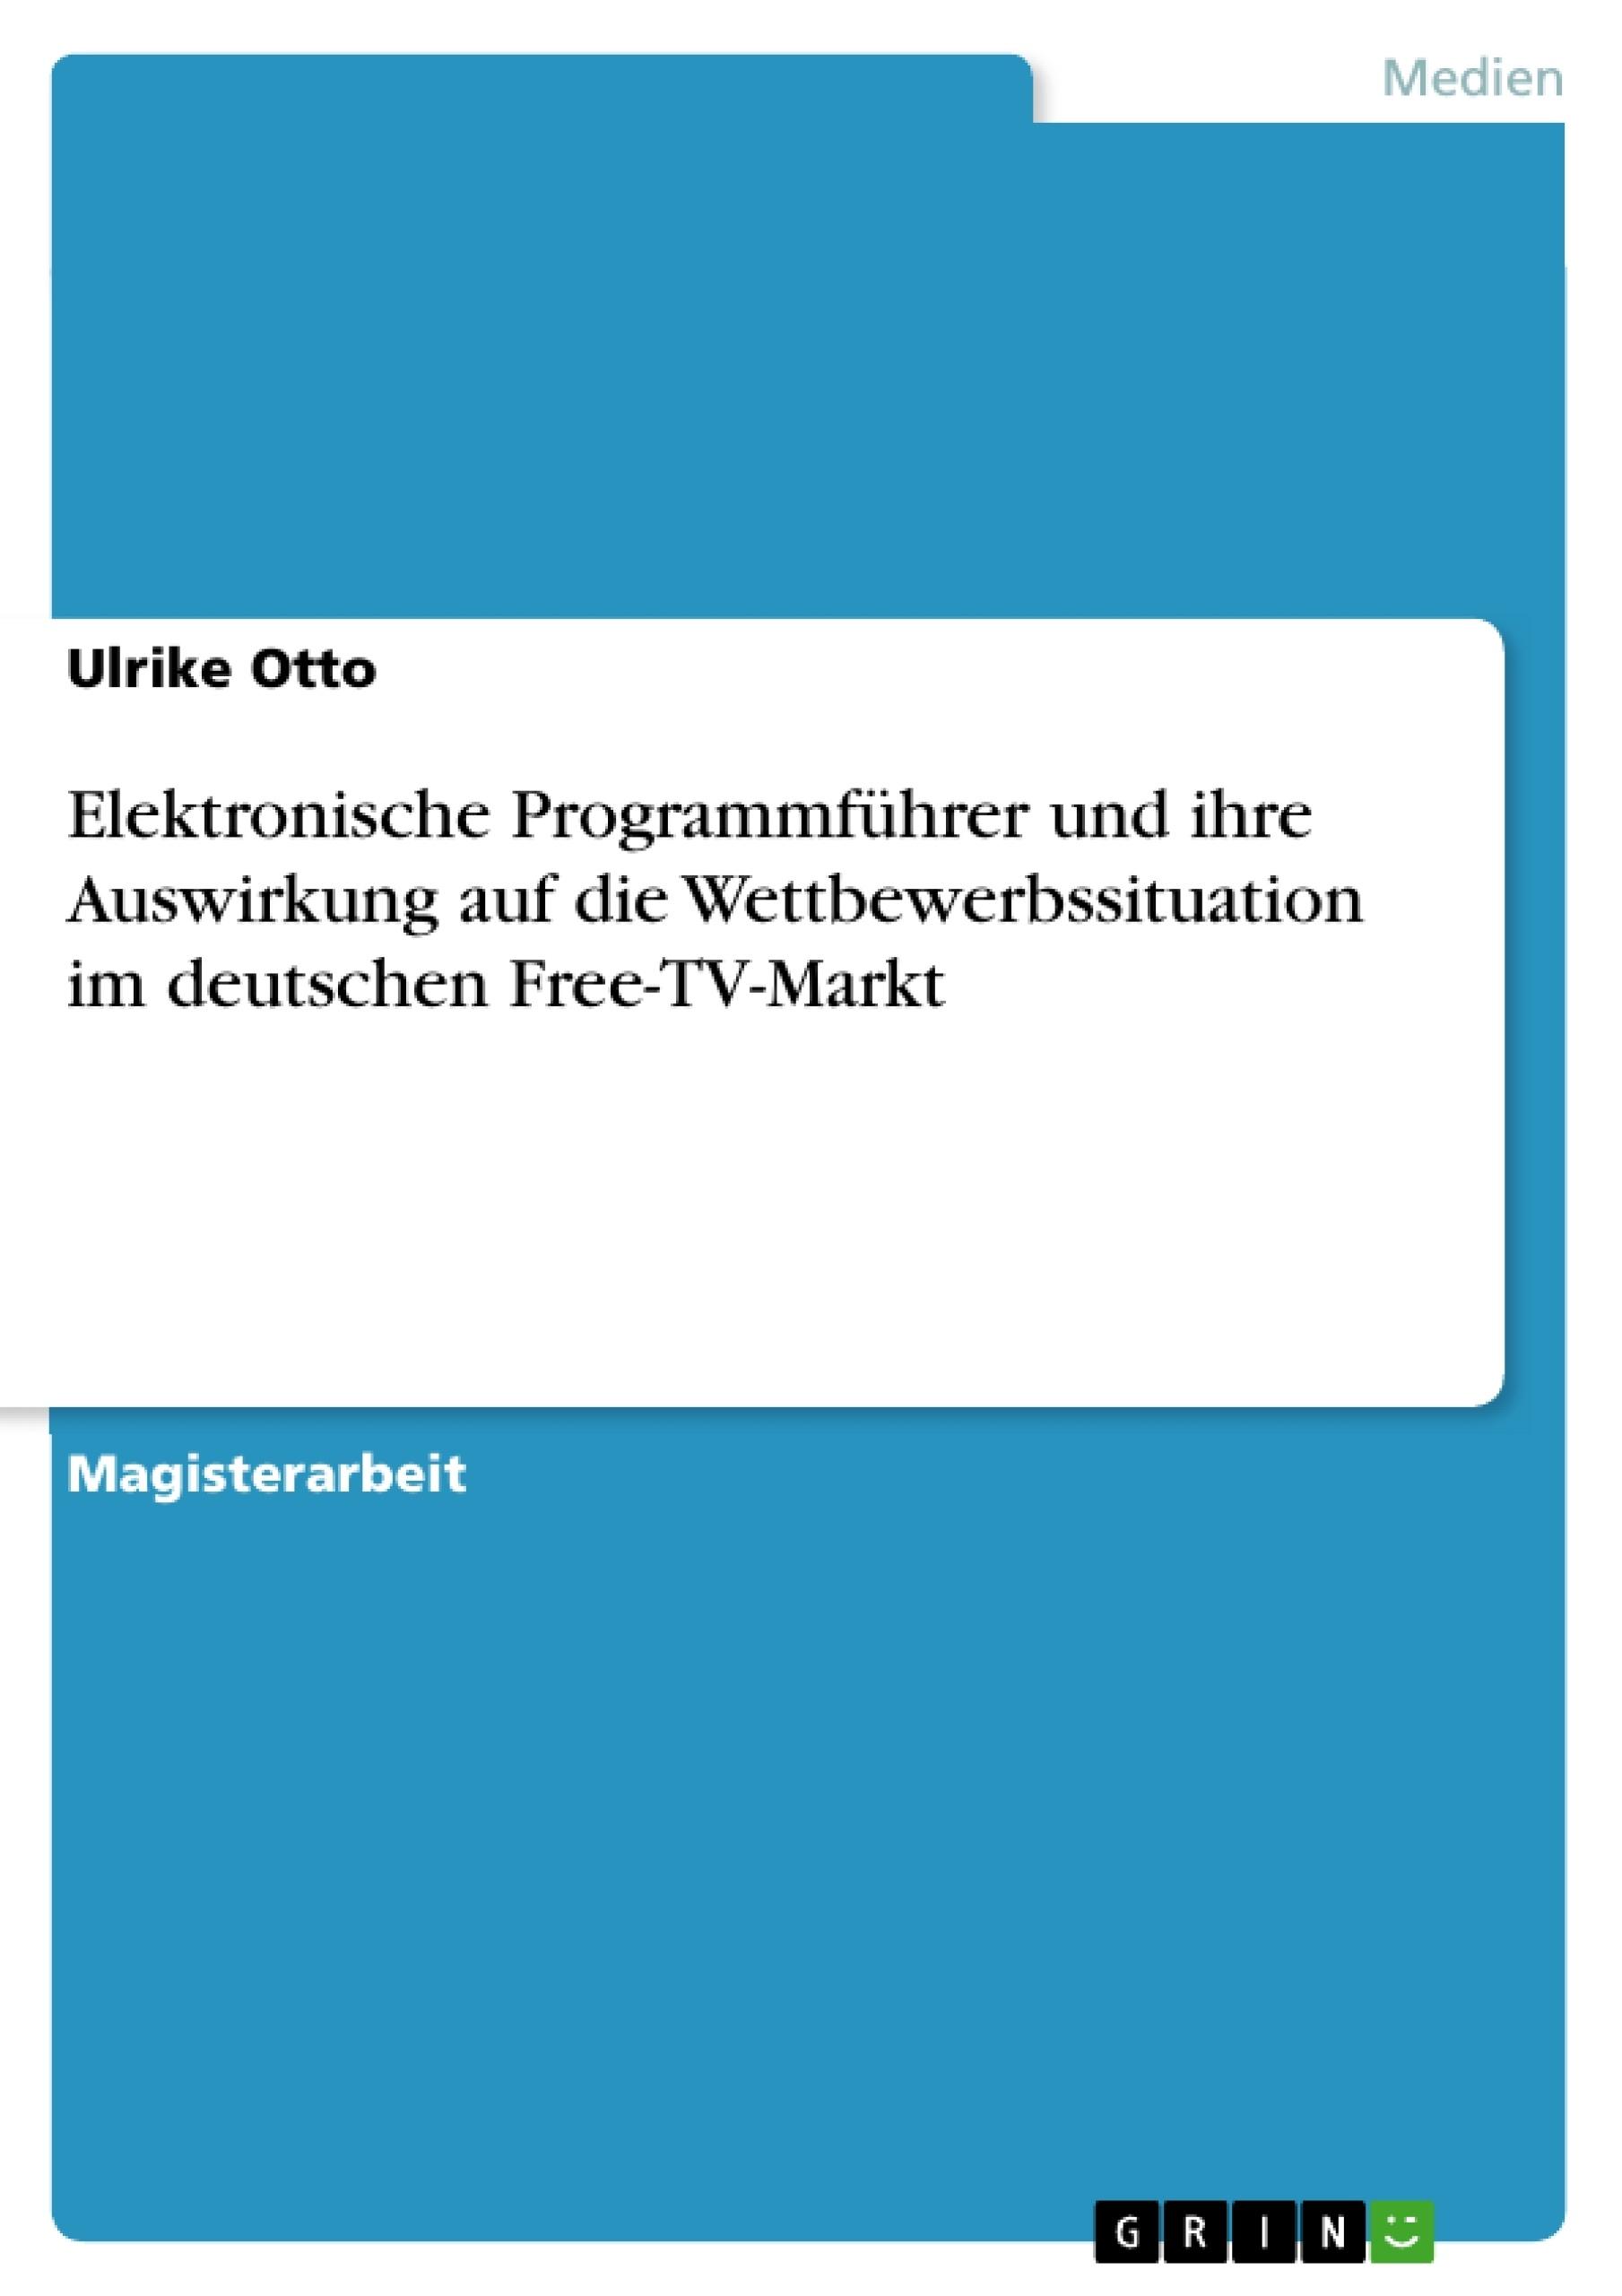 Titel: Elektronische Programmführer und ihre Auswirkung auf die Wettbewerbssituation im deutschen Free-TV-Markt